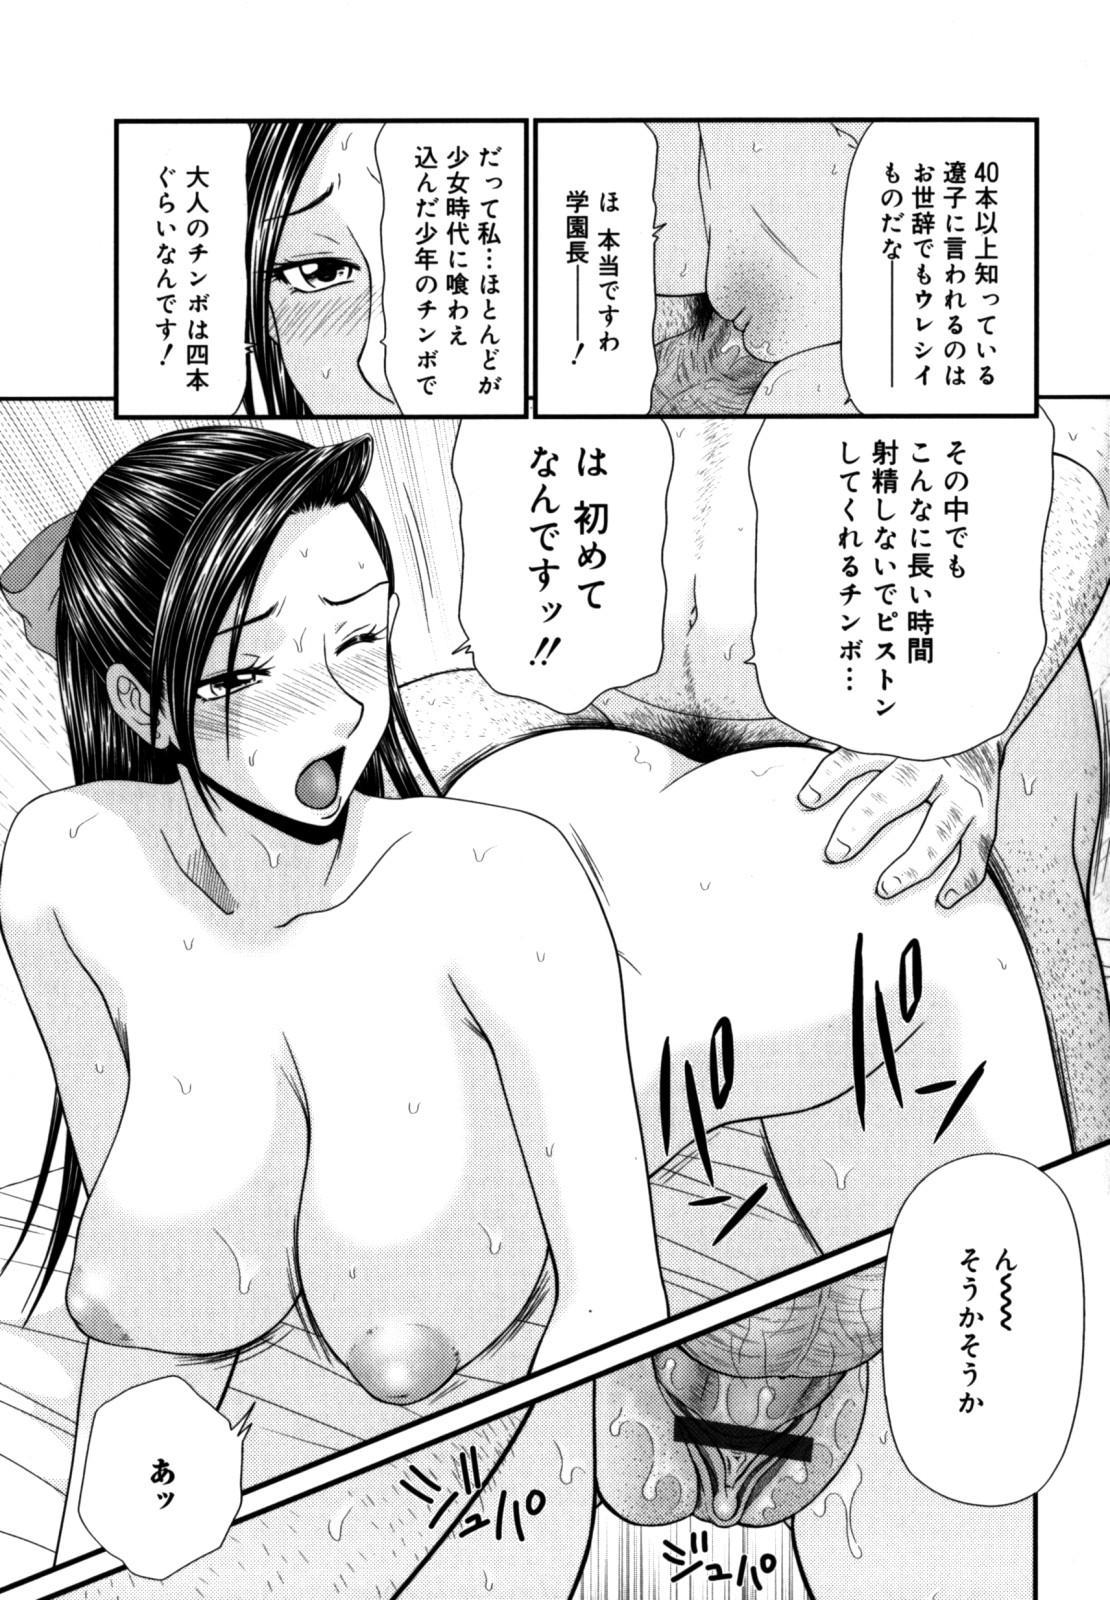 Gakuen no Mushikera 2 84